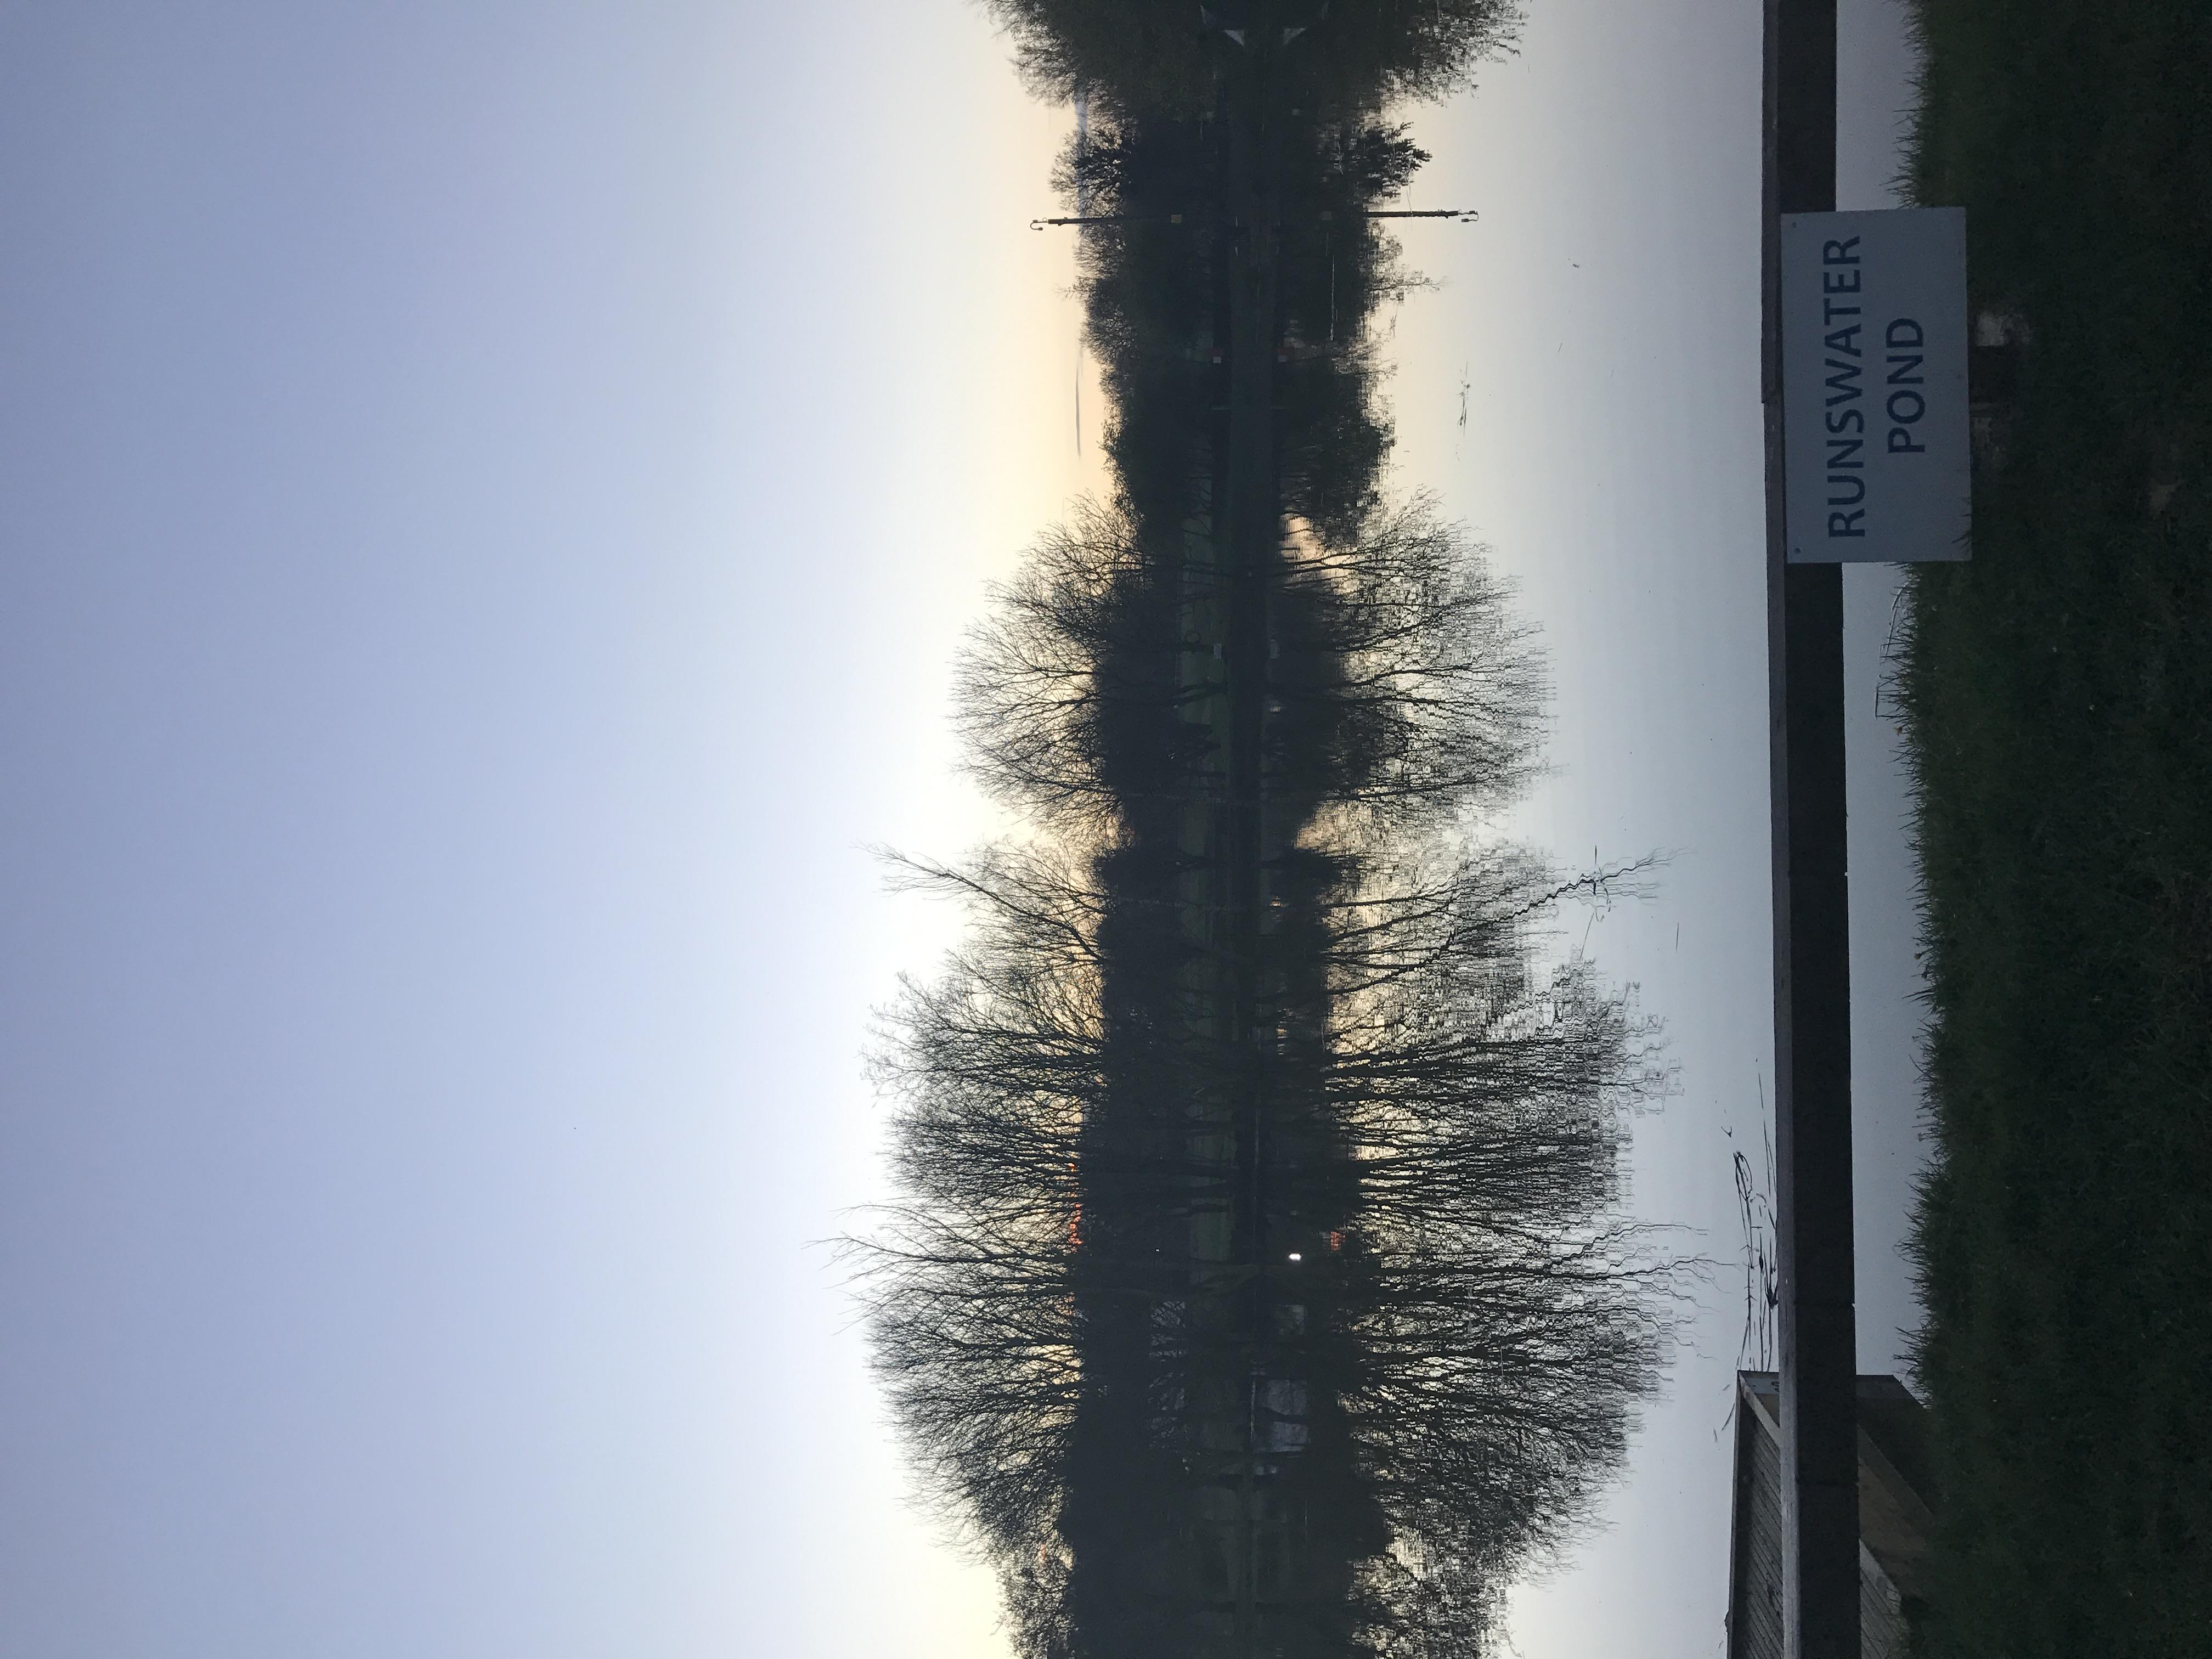 Photo 01-04-2017, 19 44 13